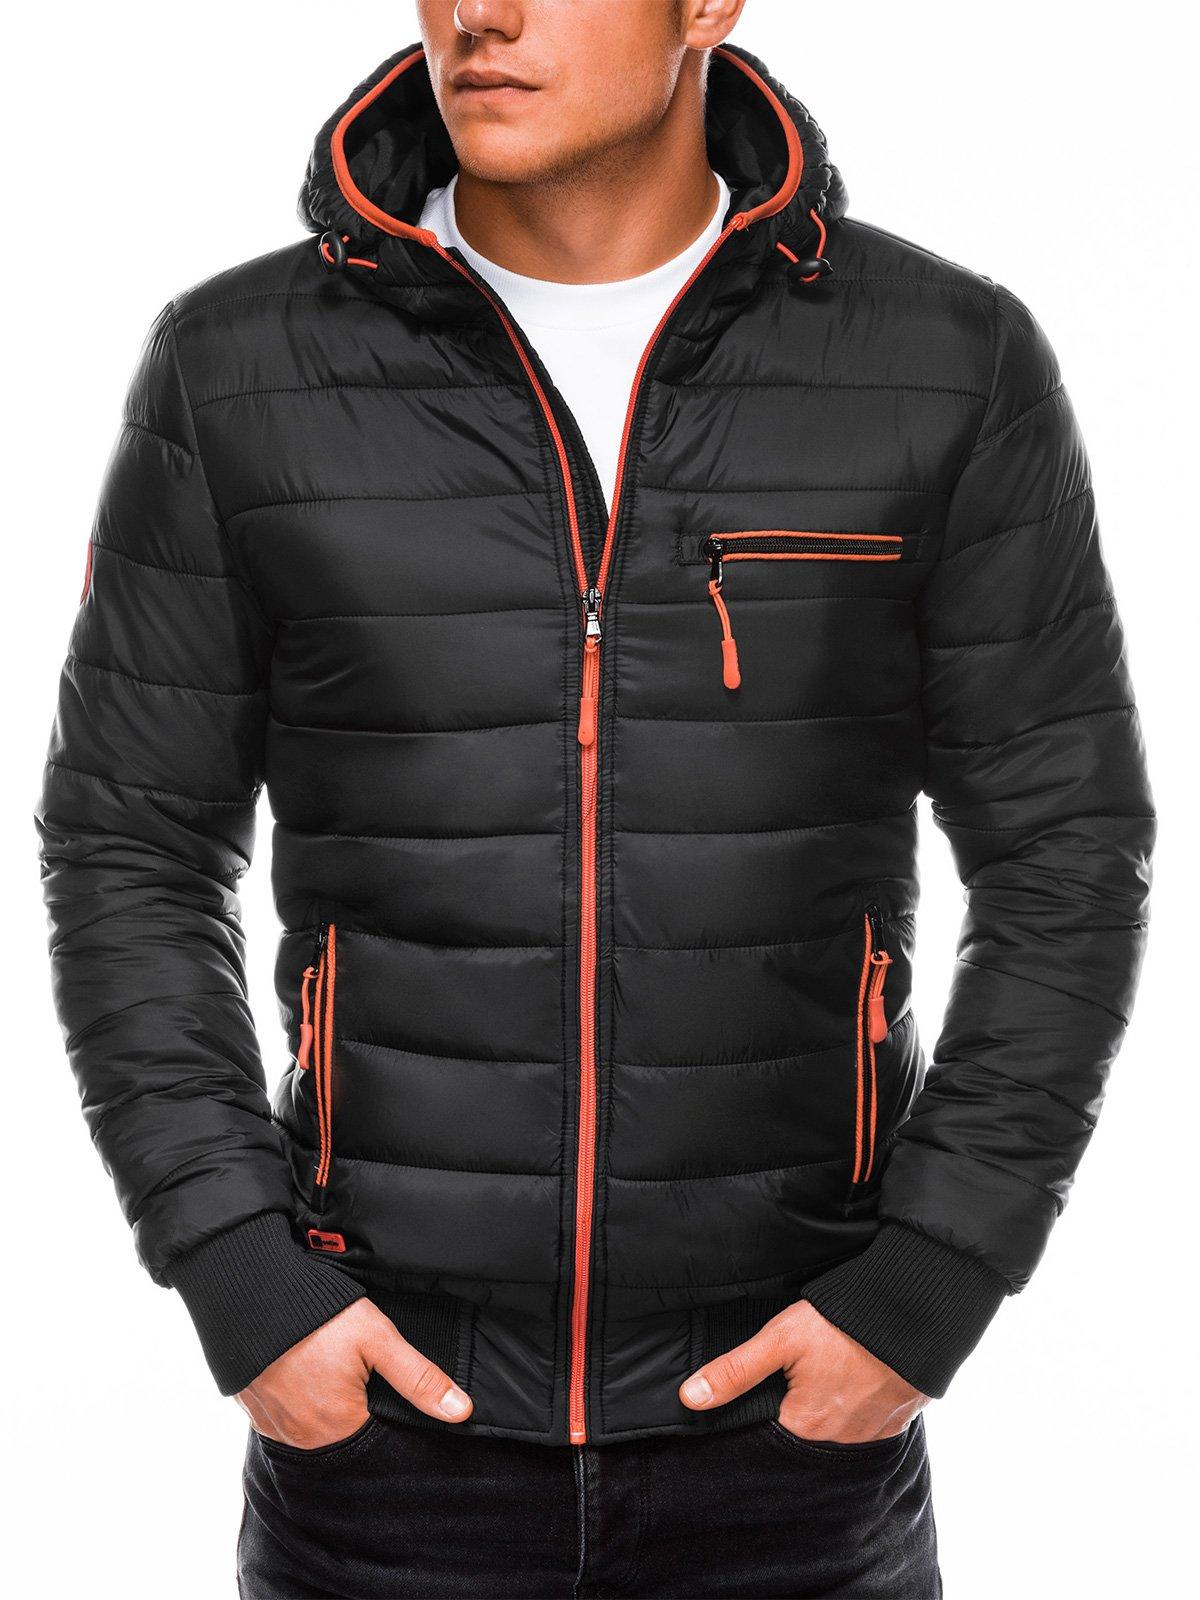 Купить со скидкой Куртка чоловіча демісезонна стьобана C353 - чорна